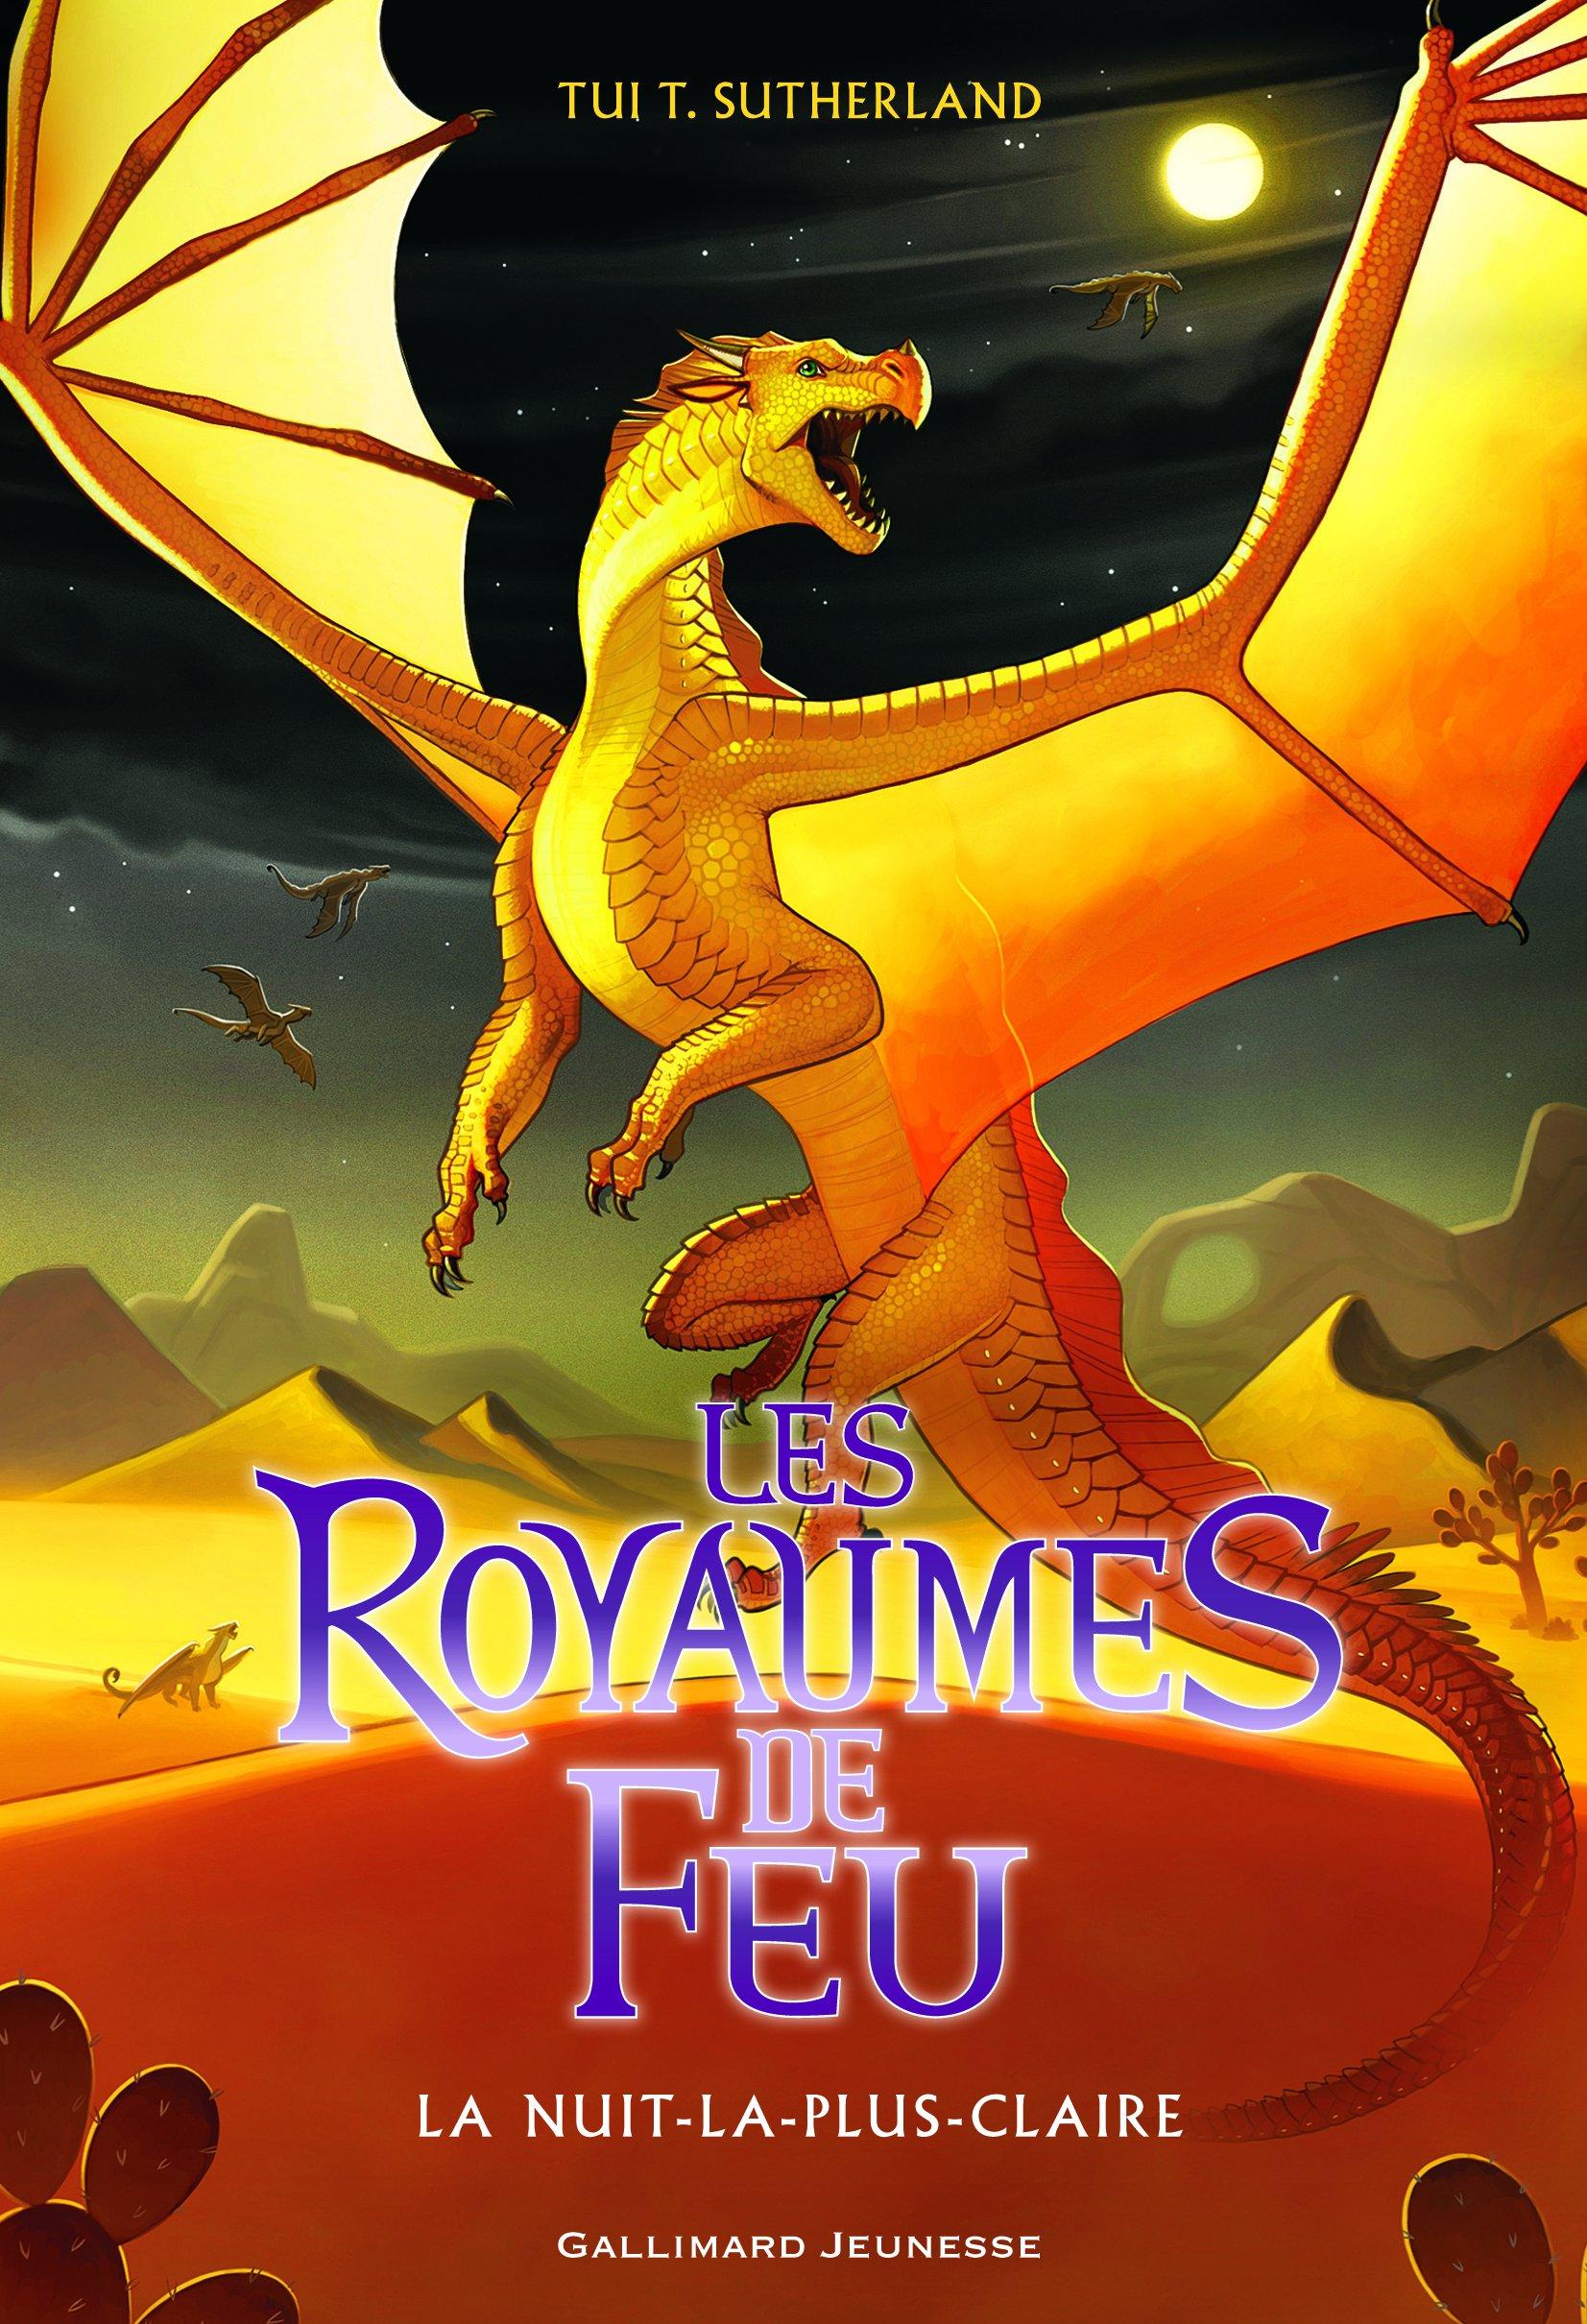 Meilleur De Coloriage Dragons Des Royaome De Feu